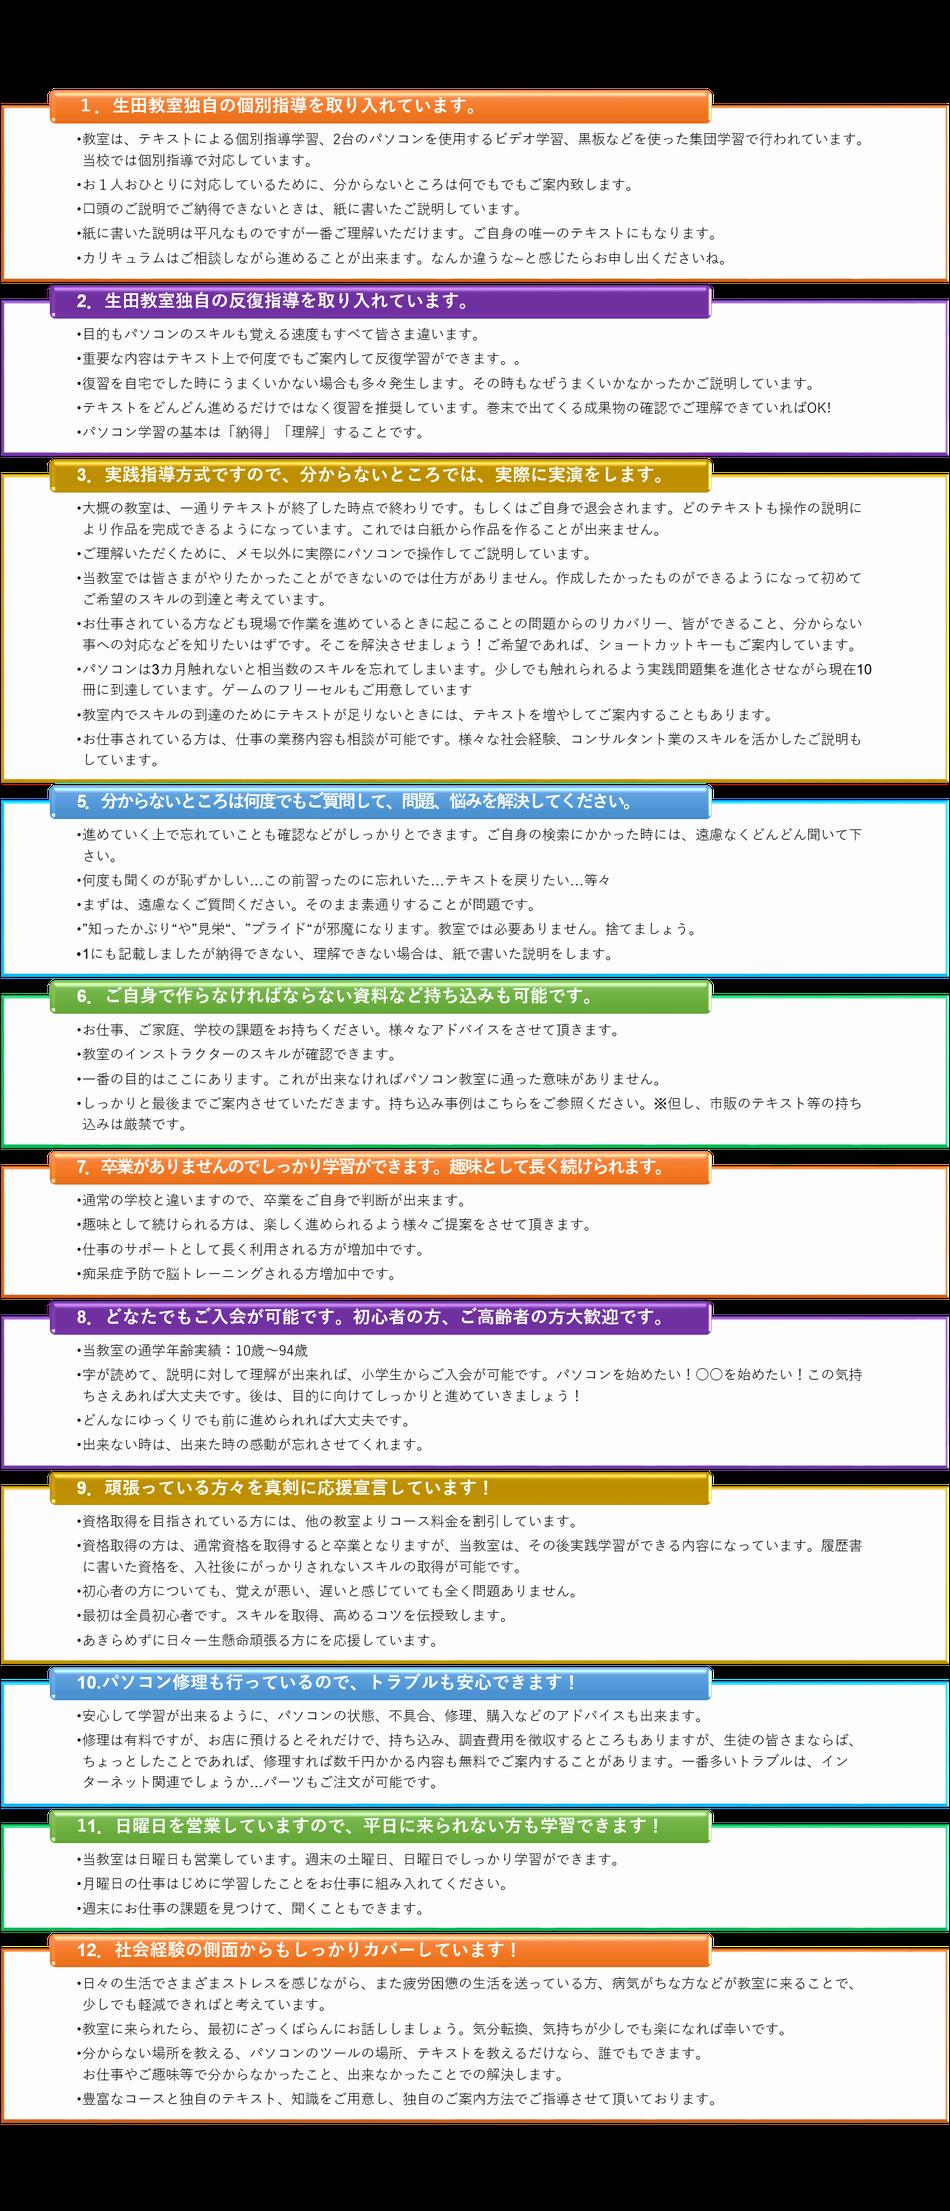 メディアックパソコンスクール生田教室は受講される皆様が学習しやすいように柔軟に対応しています